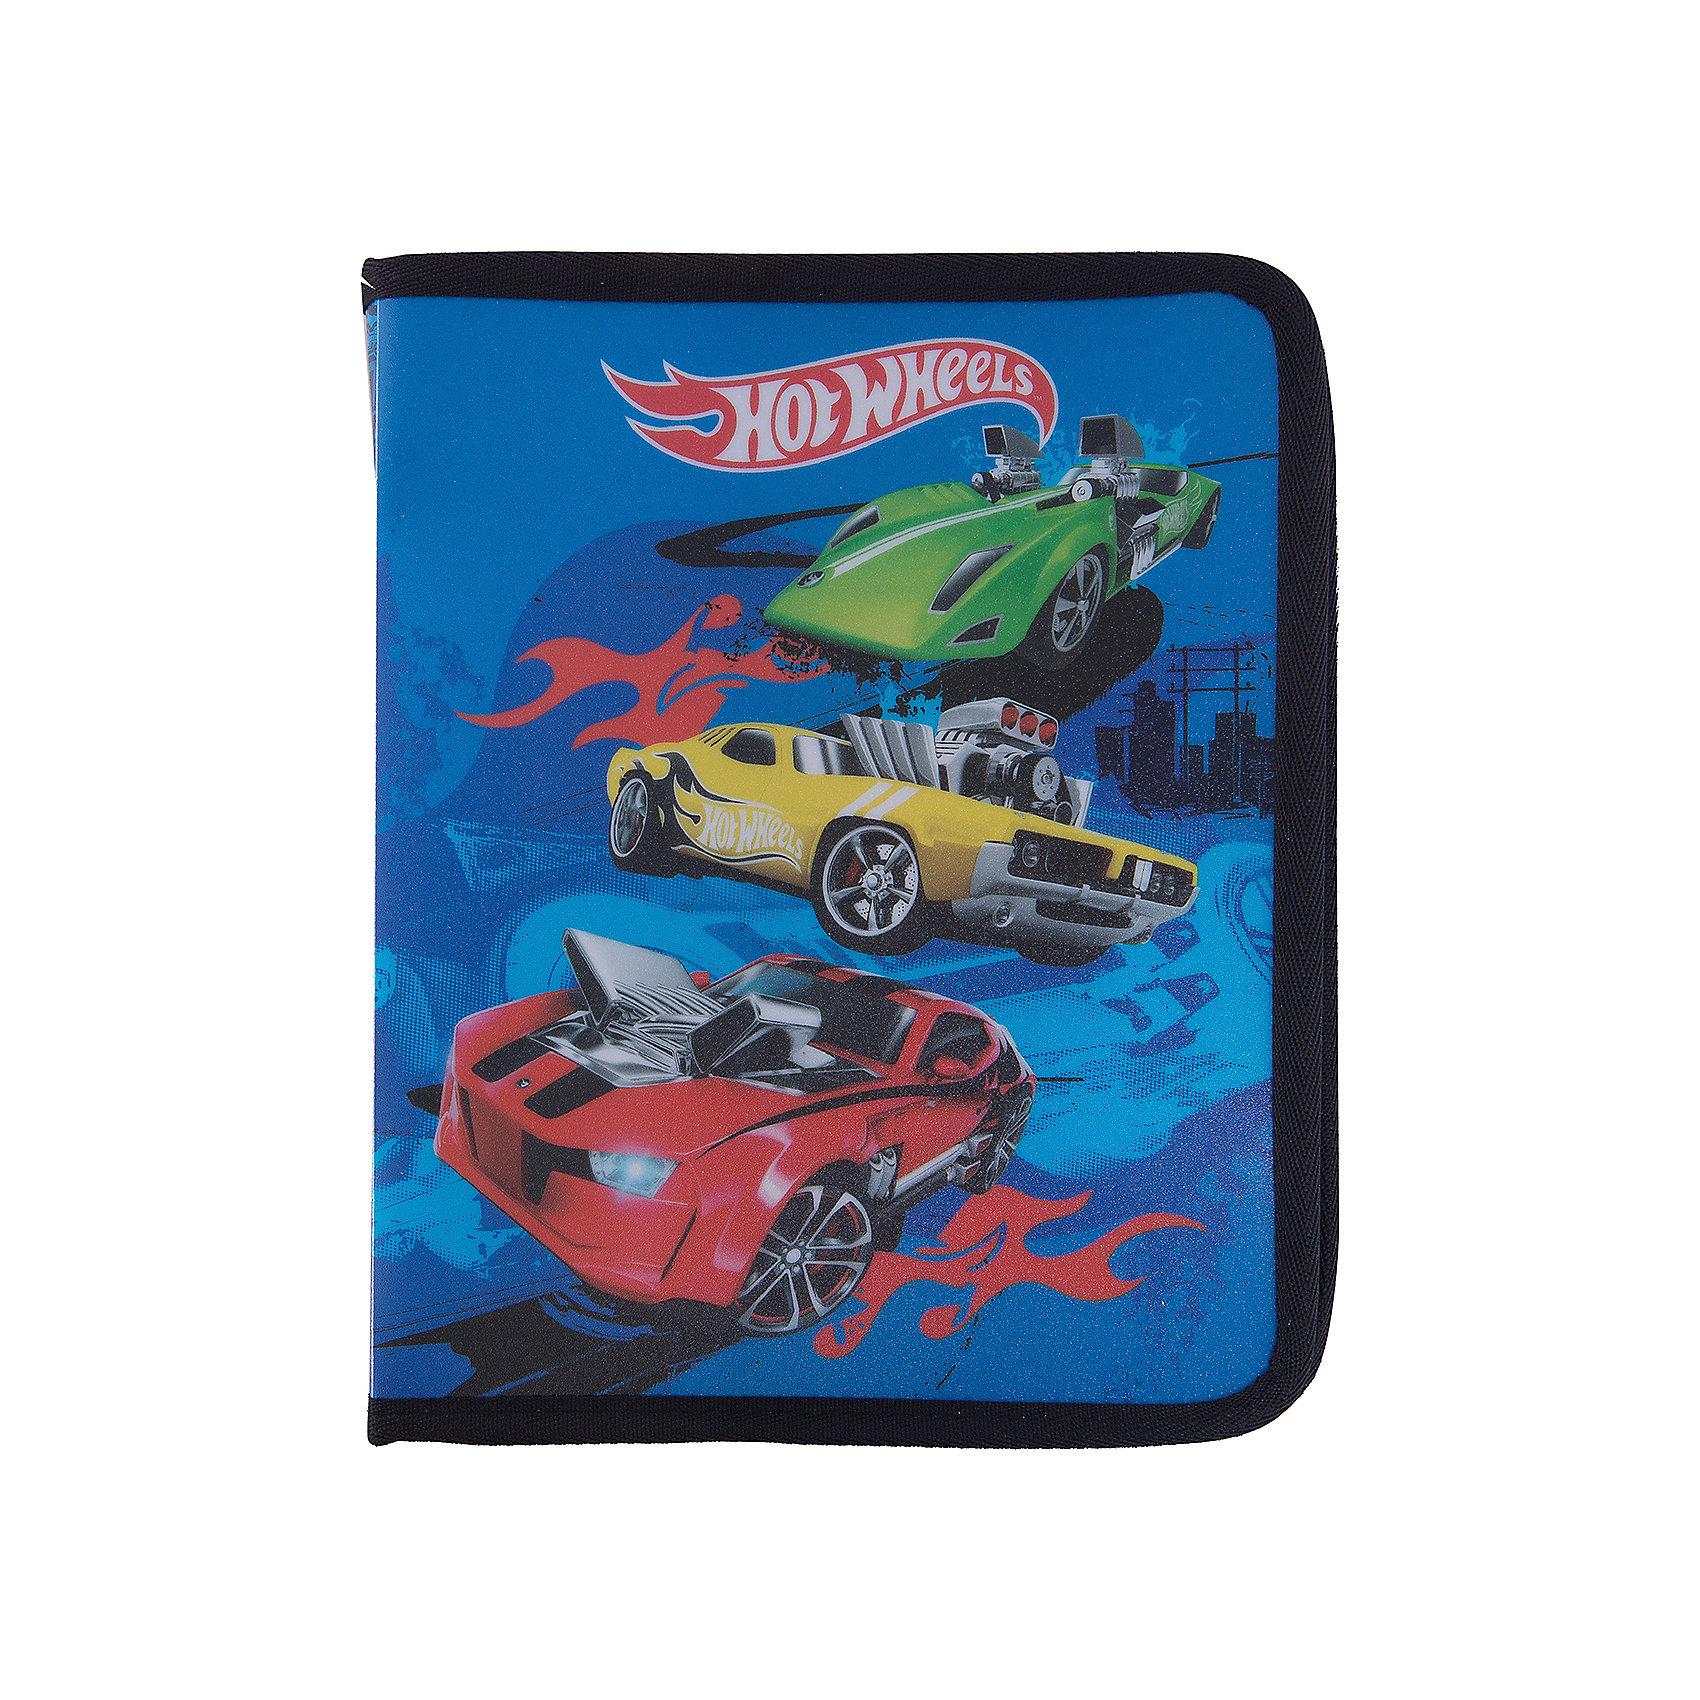 Папка для тетрадей на молнии B5 Hot Wheels Super CarПапки для тетрадей<br>Характеристики товара:<br><br>• герой: Hot Wheels Super Car;<br>• материал: полиэстер;<br>• размер упаковки: 20.3x25x3.5 см;<br>• формат: В5;<br>• страна изготовитель: Россия<br><br>Папка для тетрадей — незаменимая вещь для каждого школьника. С ней все тетради будут на месте и не потеряются. <br><br>Плотный материал, из которого она изготовлена, не даст бумажной канцелярии помяться. <br><br>Папку для тетрадей  B5 Hot Wheels Super Car можно купить в нашем интернет-магазине.<br><br>Ширина мм: 250<br>Глубина мм: 176<br>Высота мм: 20<br>Вес г: 92<br>Возраст от месяцев: 72<br>Возраст до месяцев: 96<br>Пол: Мужской<br>Возраст: Детский<br>SKU: 6842702